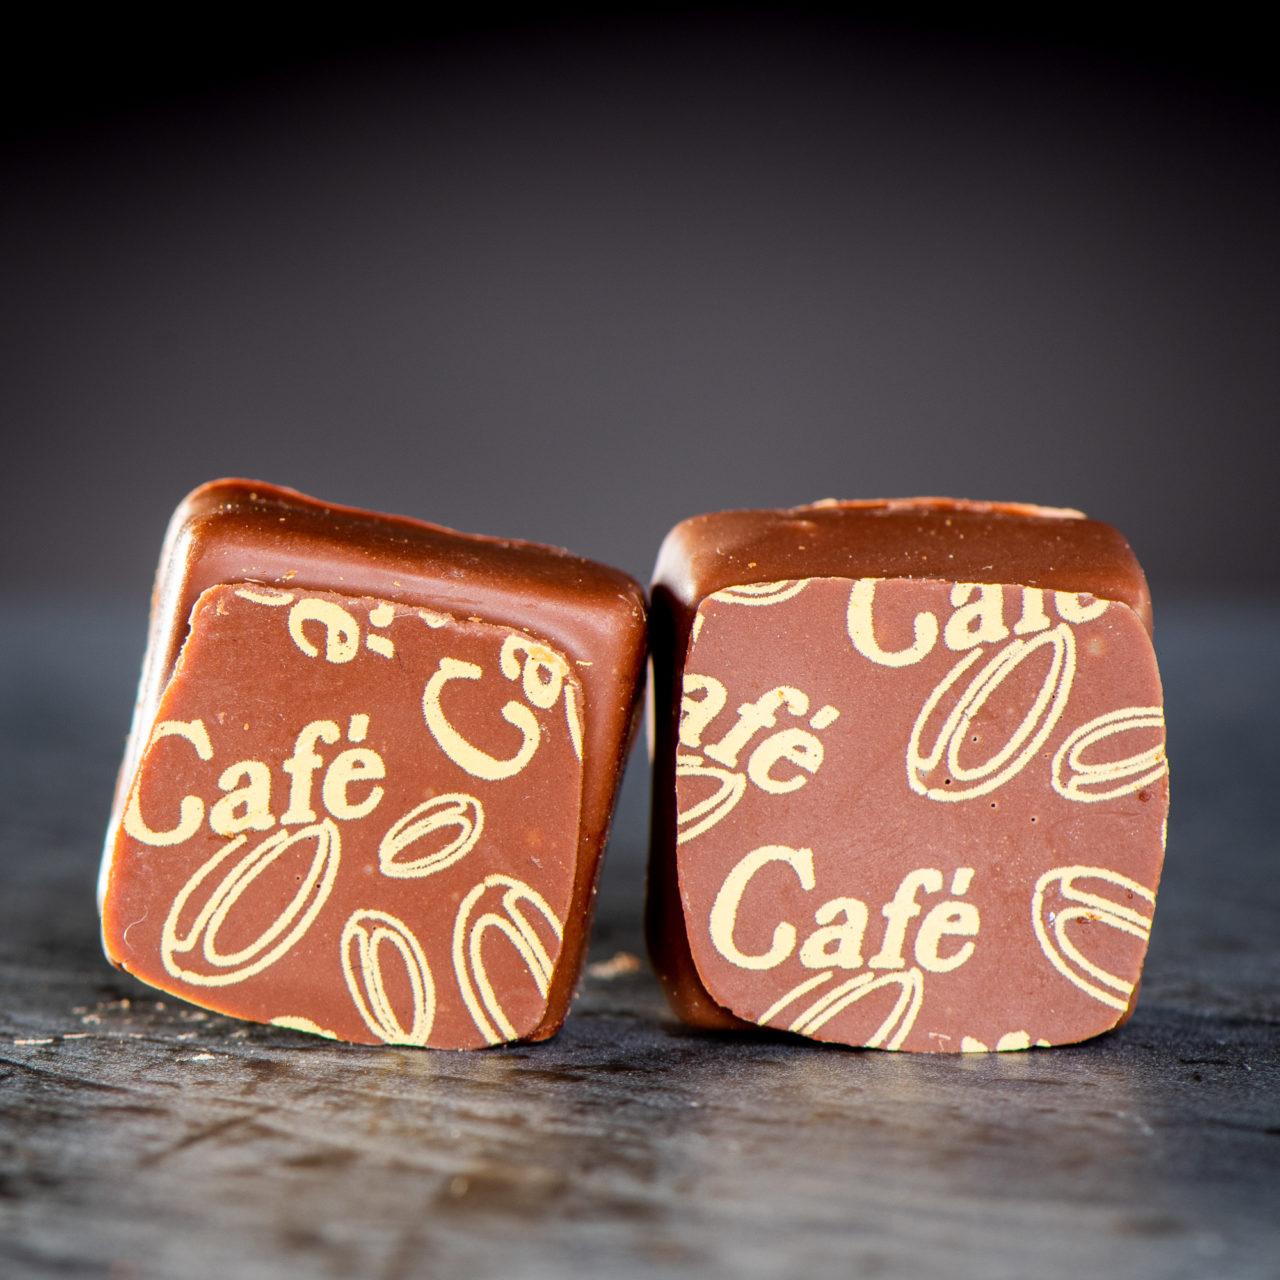 chocolat au lait avec une ganache crème à la cannelle - chocolat au lait avec une ganache crème au caramel